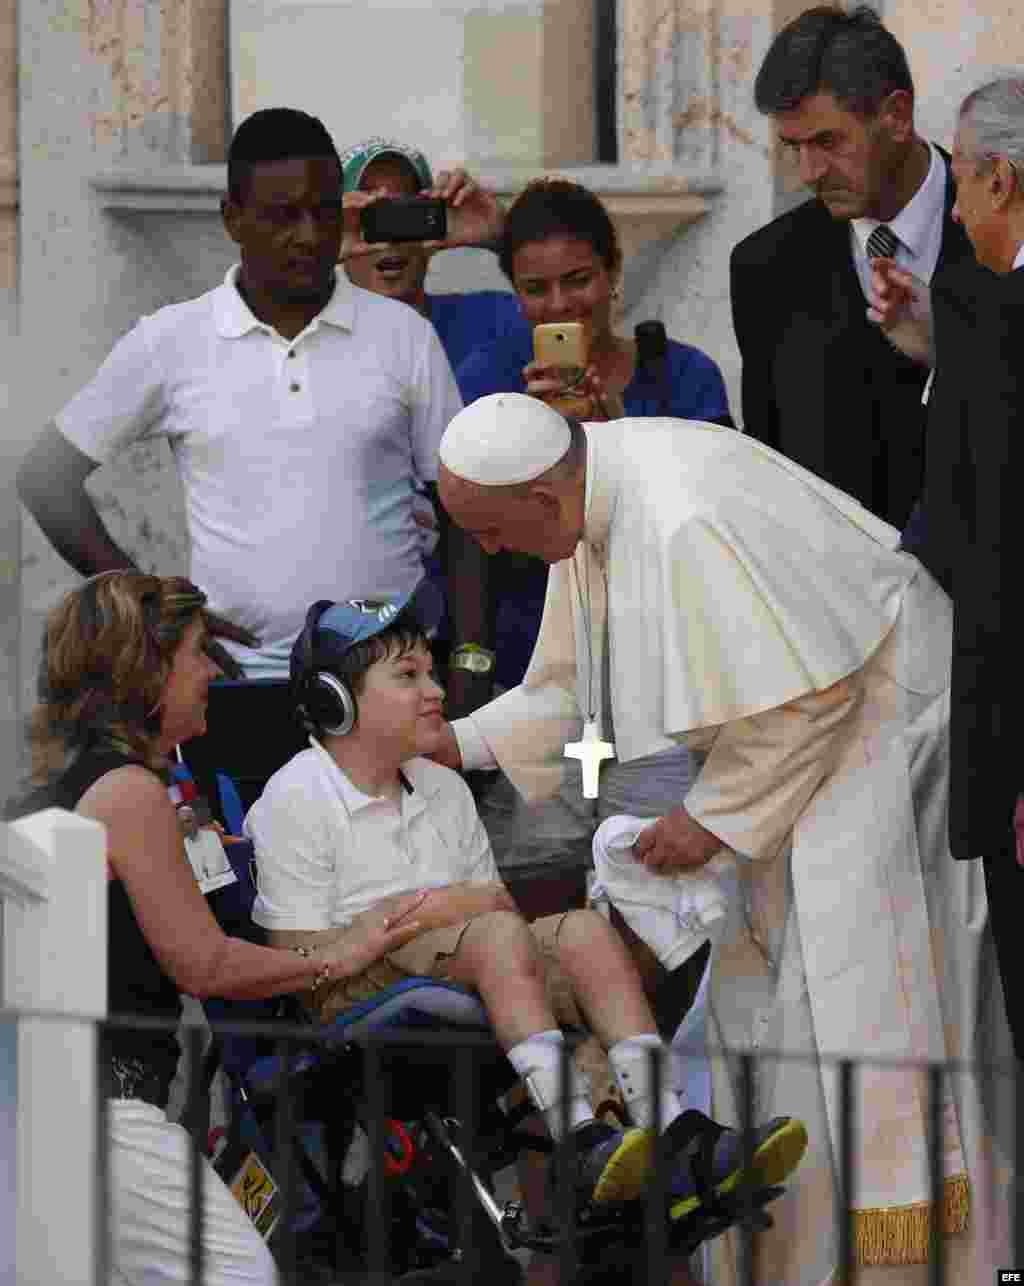 El papa Francisco saluda a un niño discapacitado durante un encuentro con jóvenes hoy, domingo 20 de septiembre de 2015, en el Centro Cultural Padre Félix Varela, en La Habana (Cuba). EFE/Orlando Barría